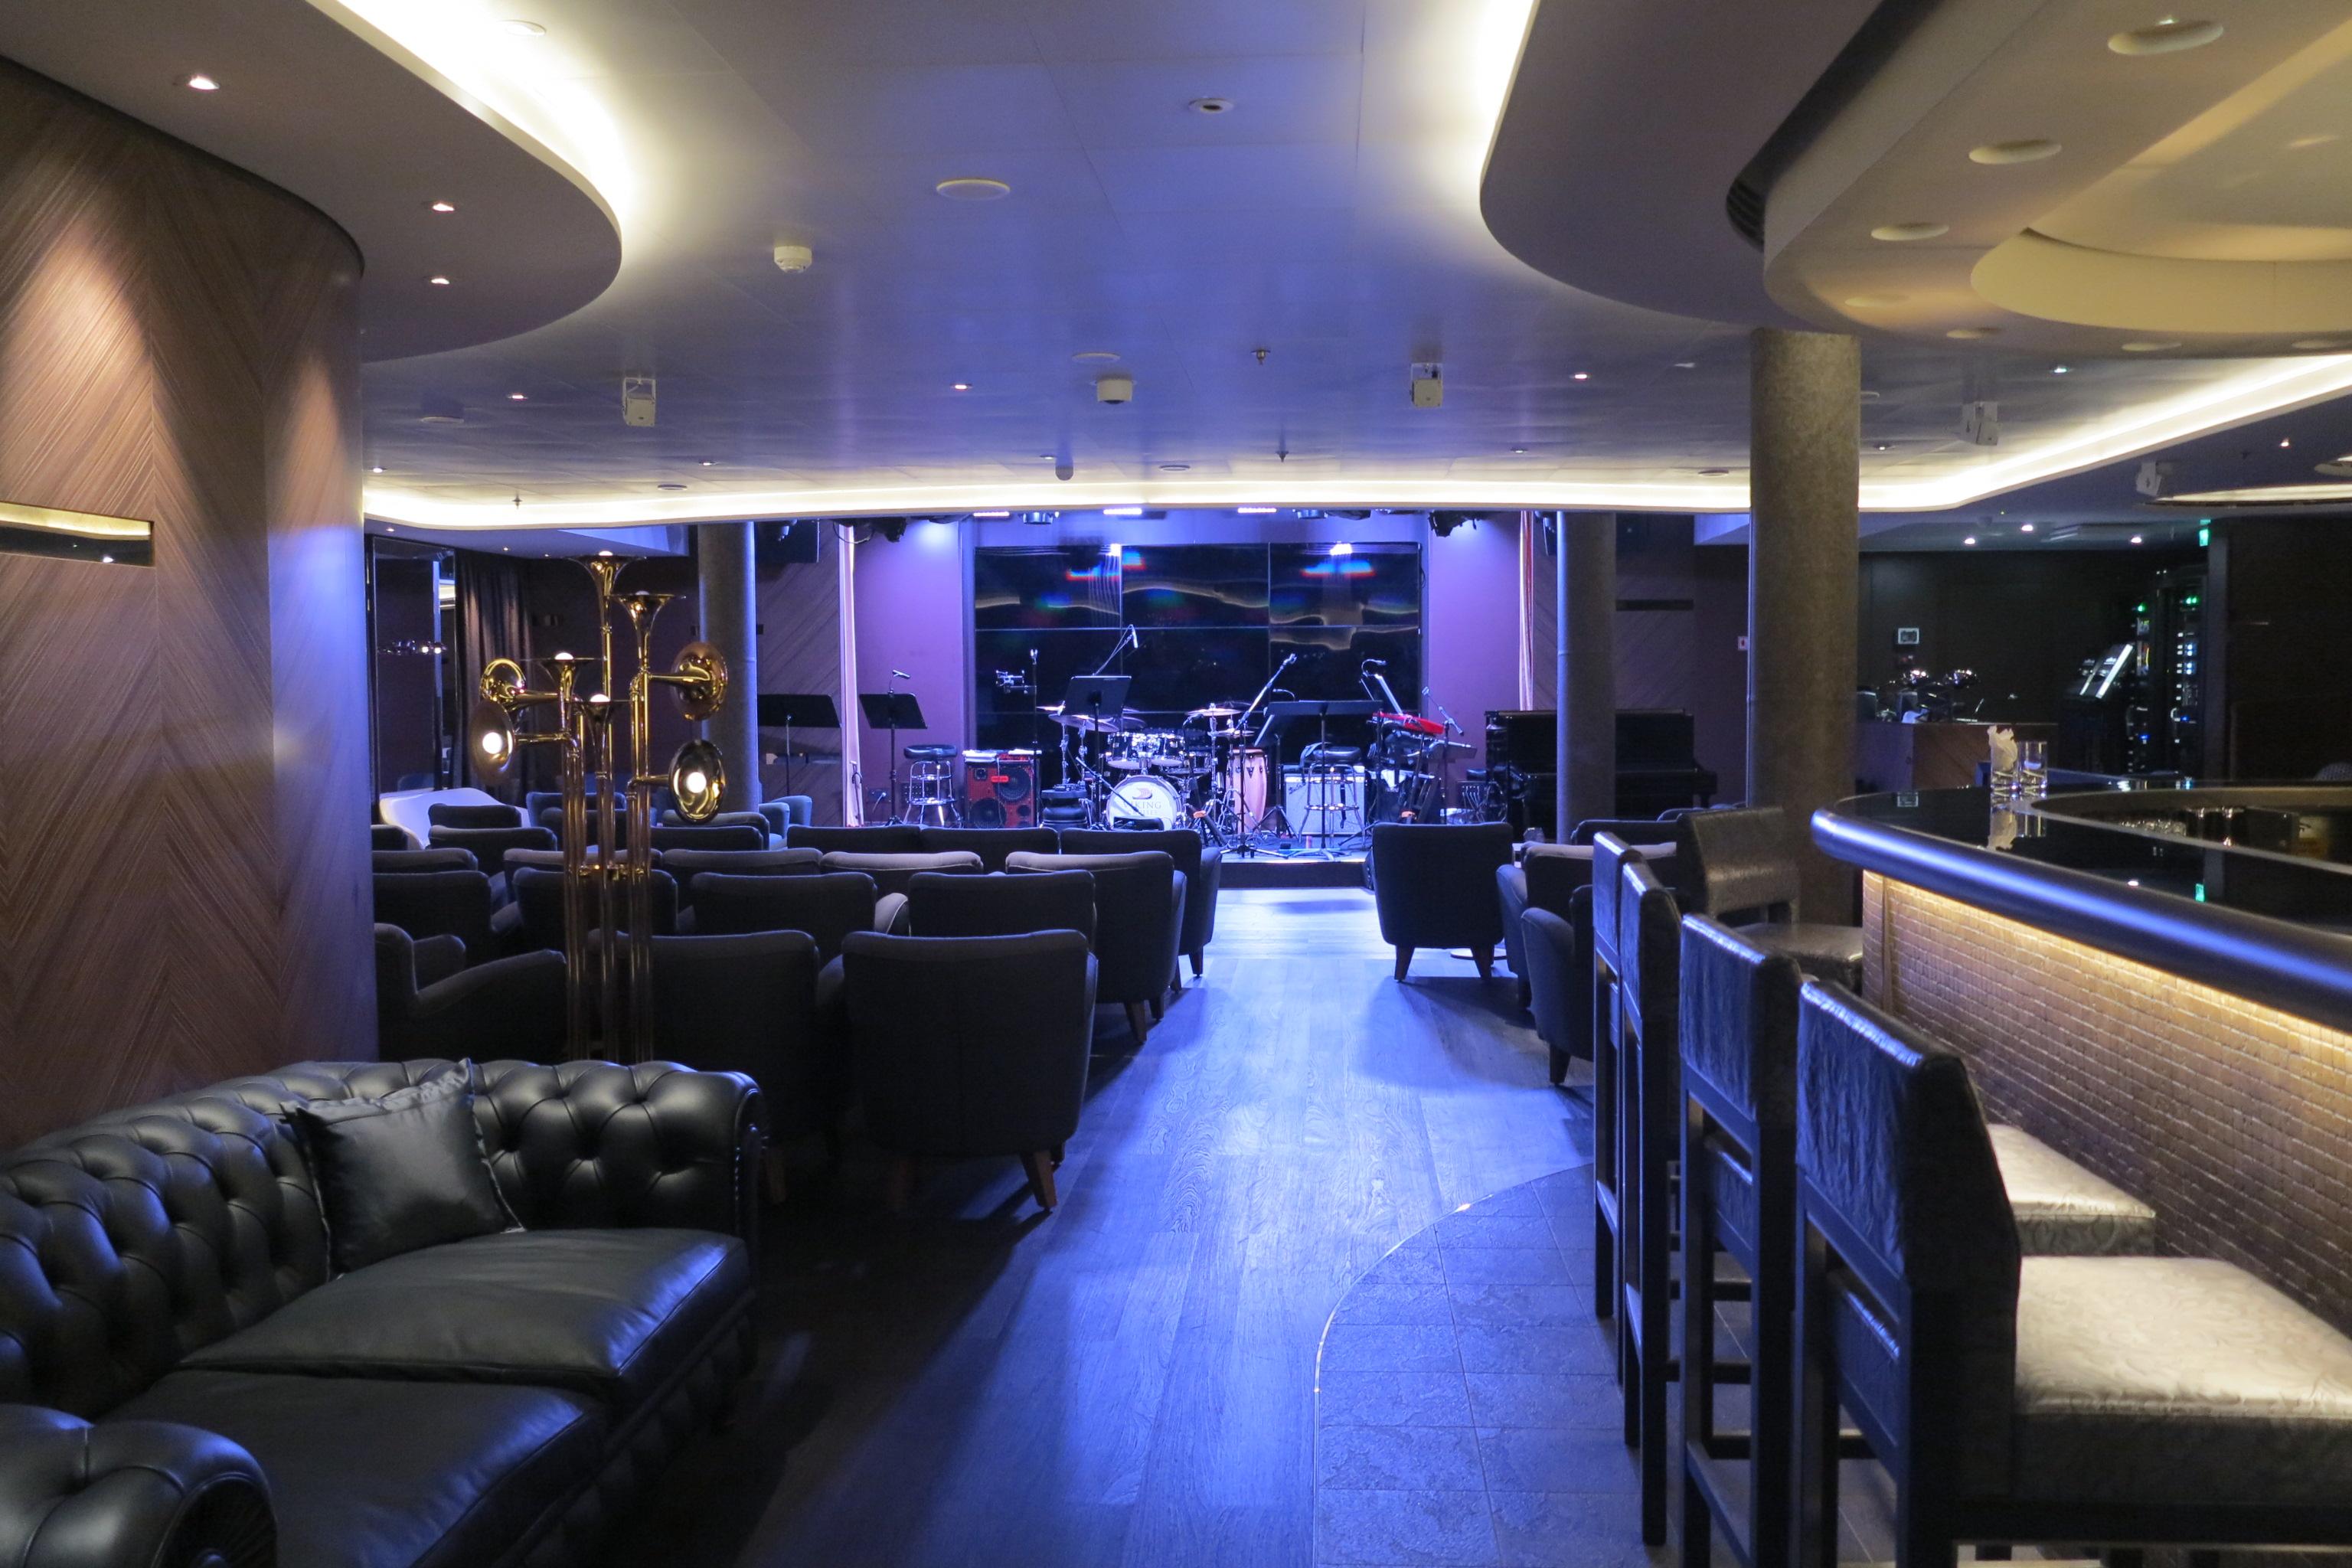 Night venue: Torshavn hosts live music